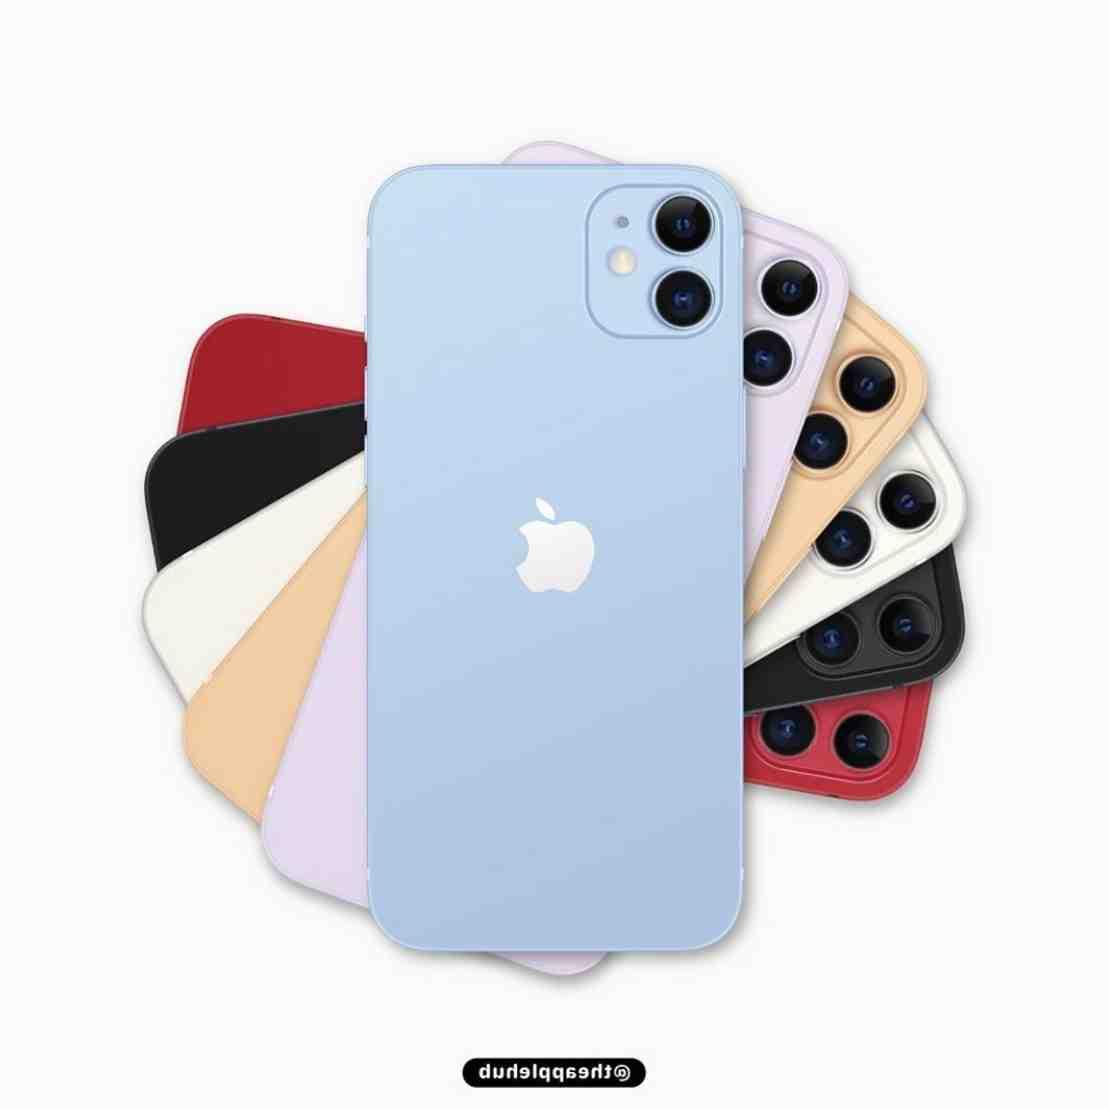 Quel couleur pour l'iPhone 12 Pro ?